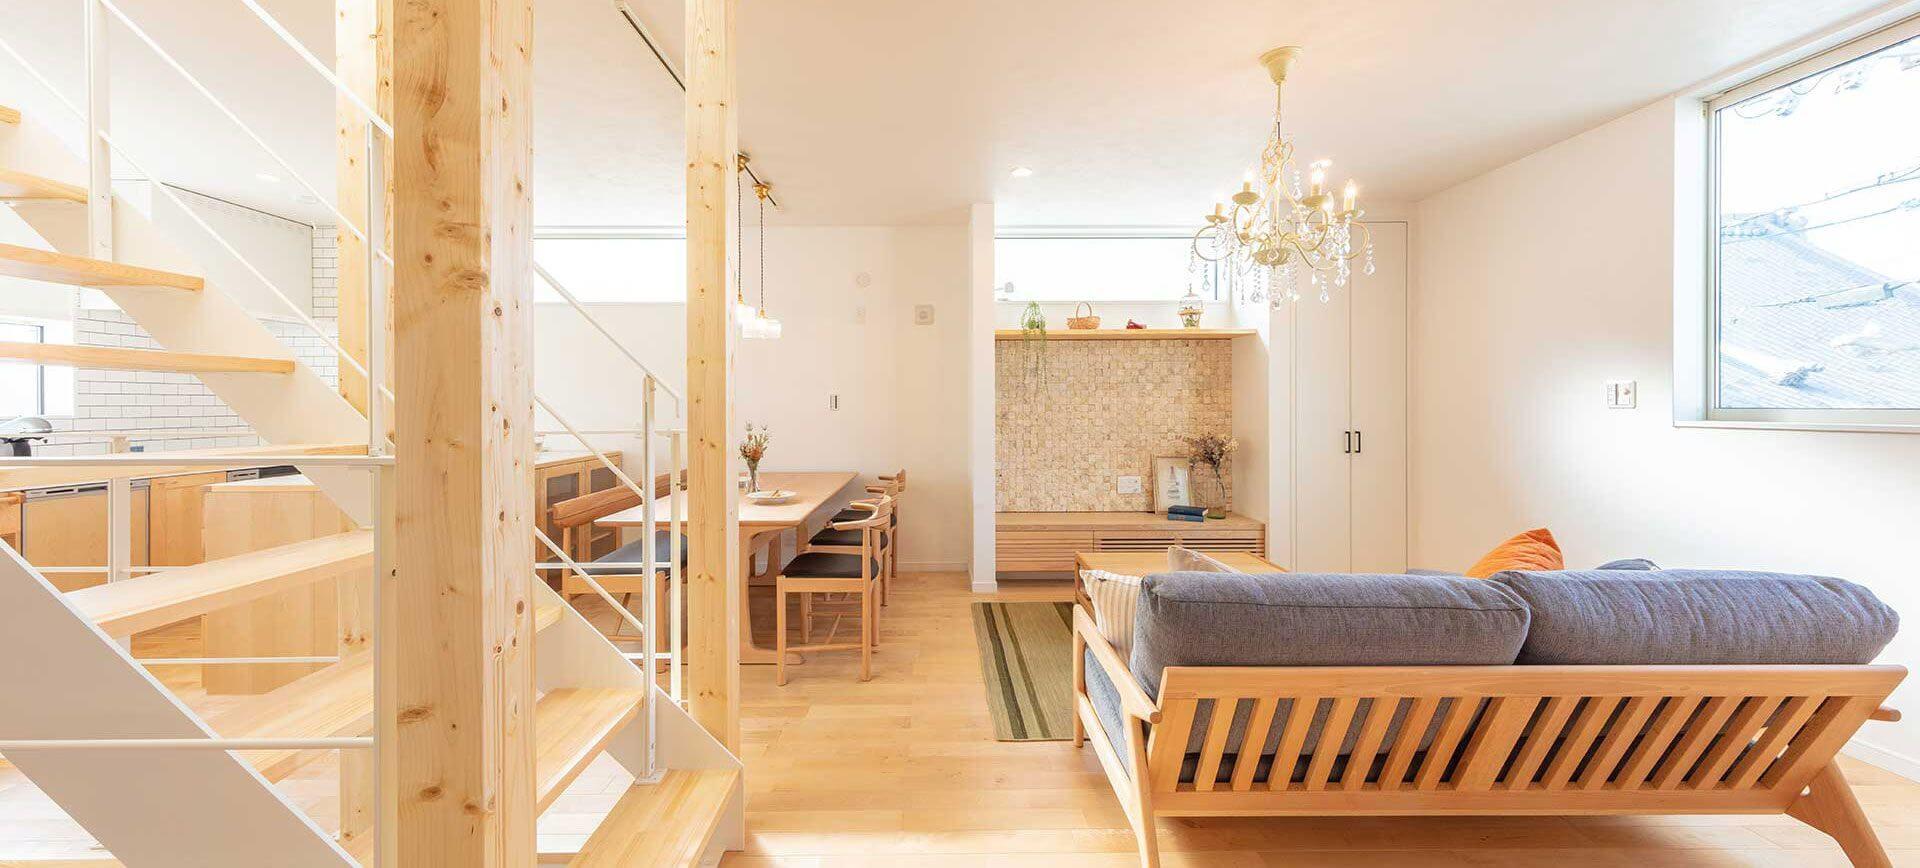 大阪府大阪市で注文住宅・リフォームならリーフアーキテクチャ